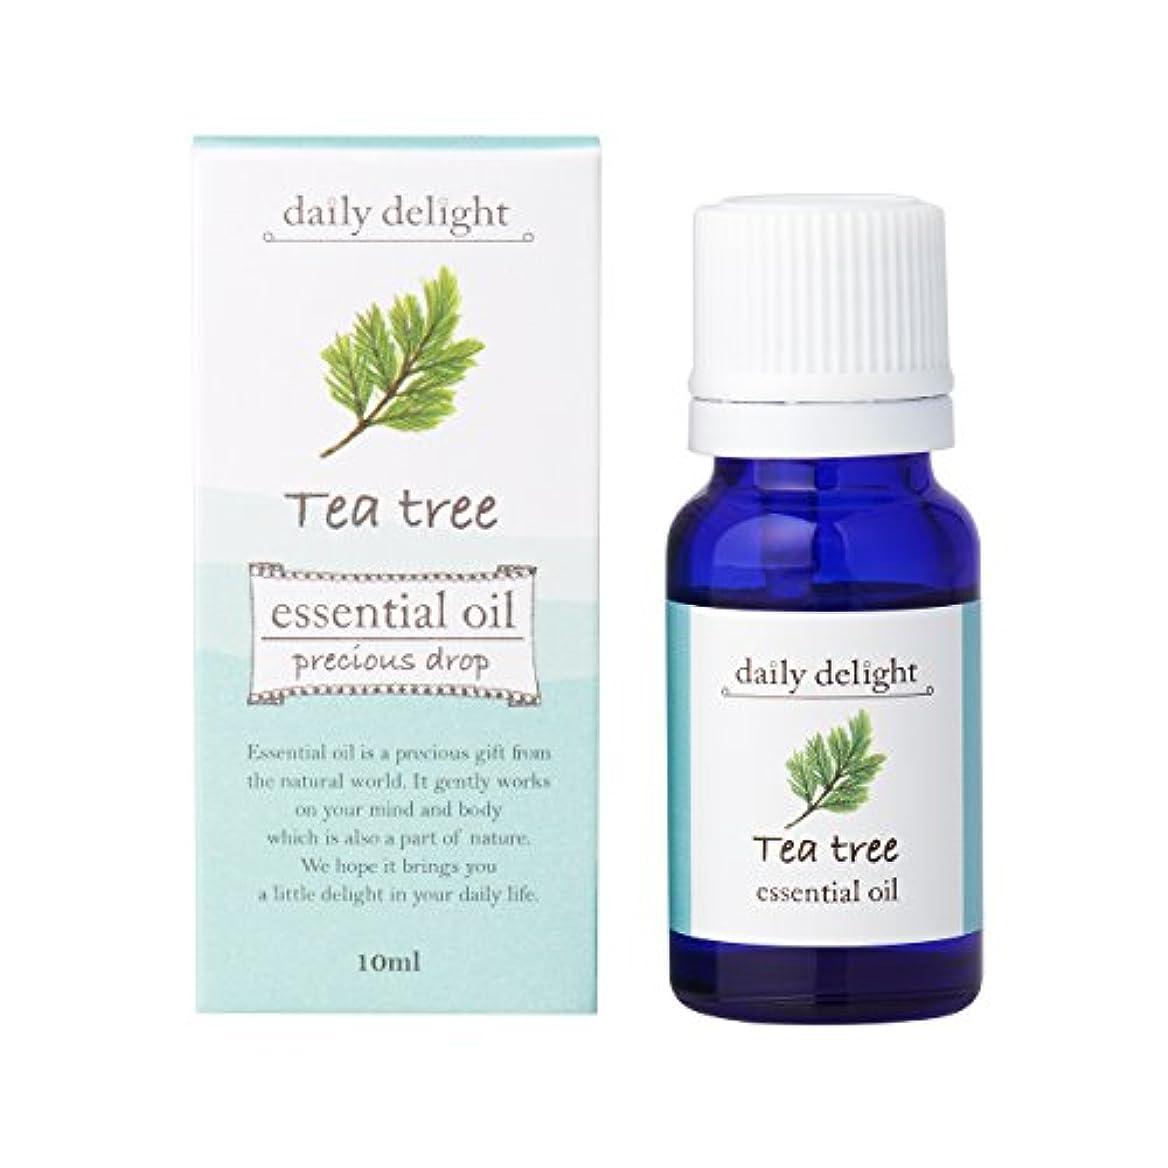 垂直農業のそっとデイリーディライト エッセンシャルオイル  ティートゥリー 10ml(天然100% 精油 アロマ 樹木系 フレッシュですっきりとした香り)